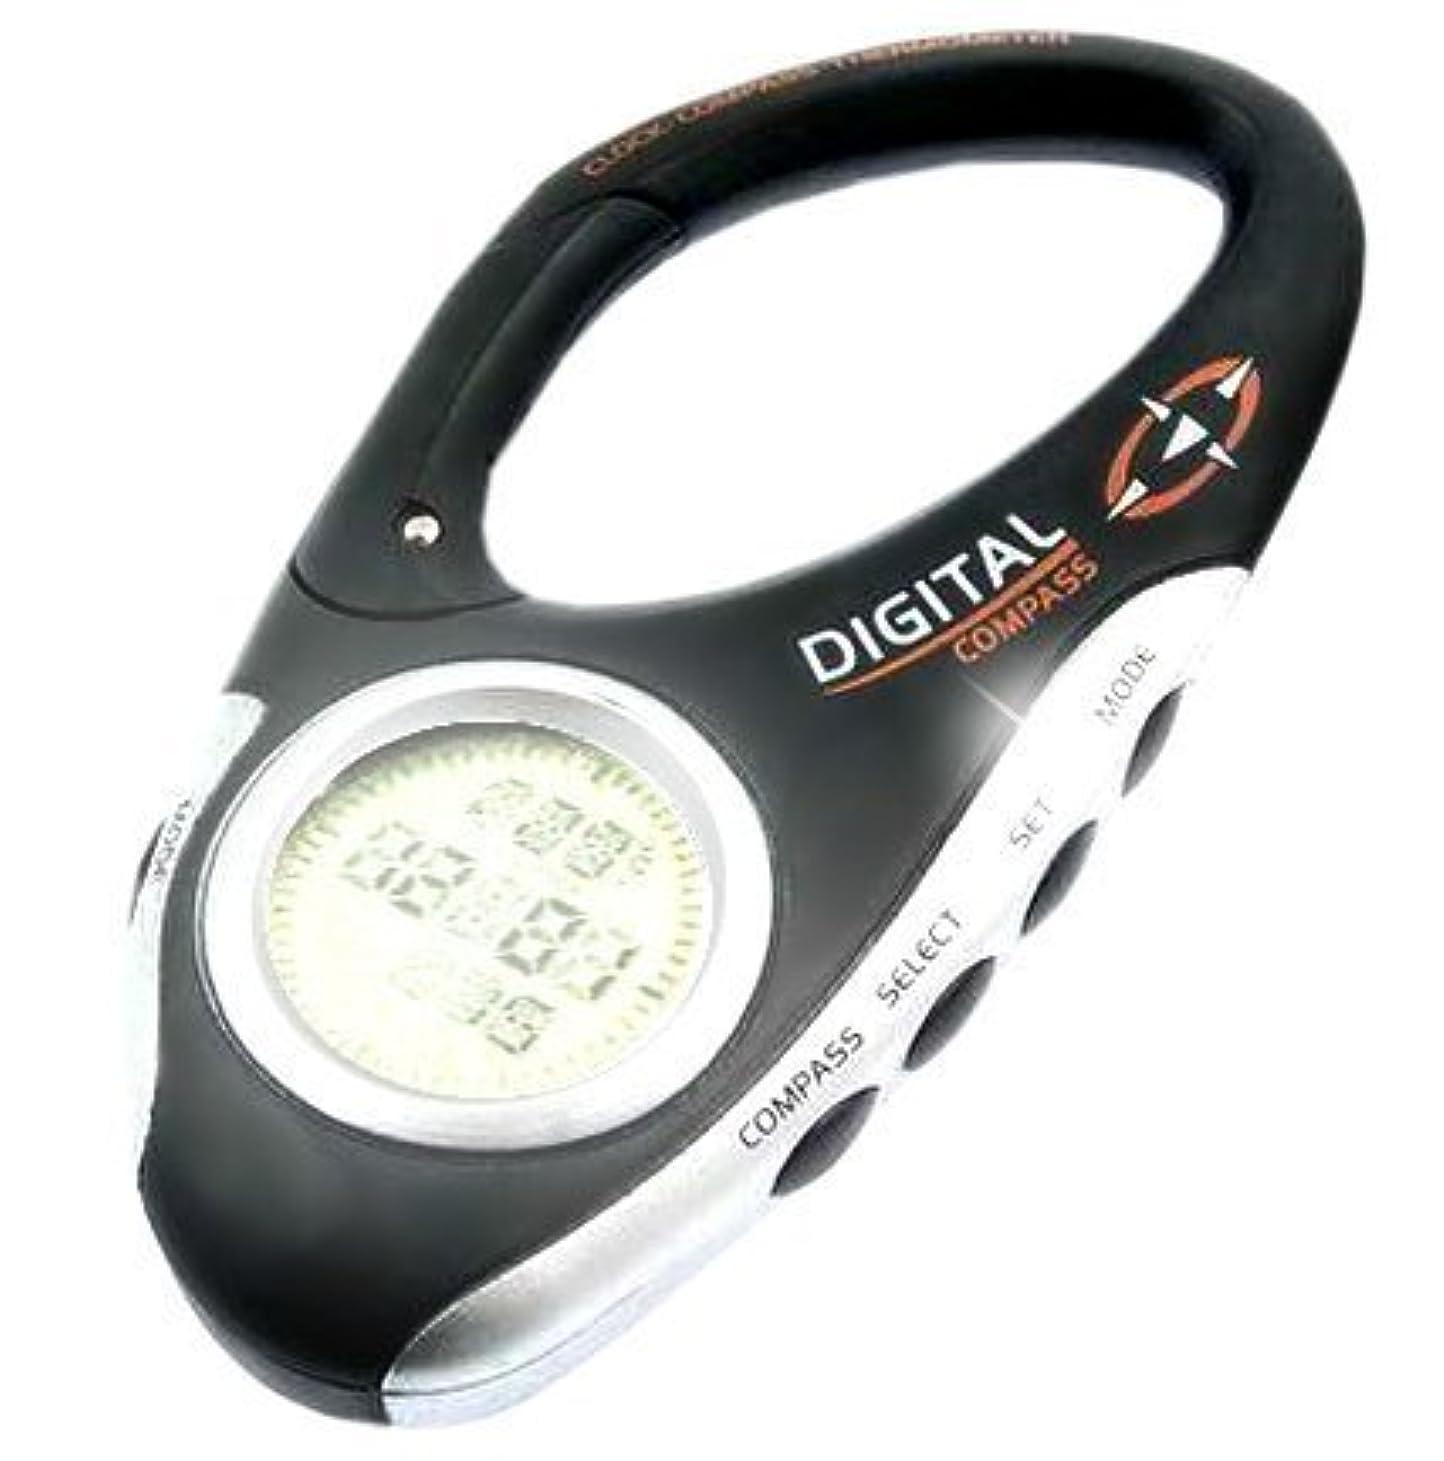 無意識賠償受信zmayastar スキー 登山 で 携帯 できる デジタル コンパス 温度計 時計 搭載 LH-215